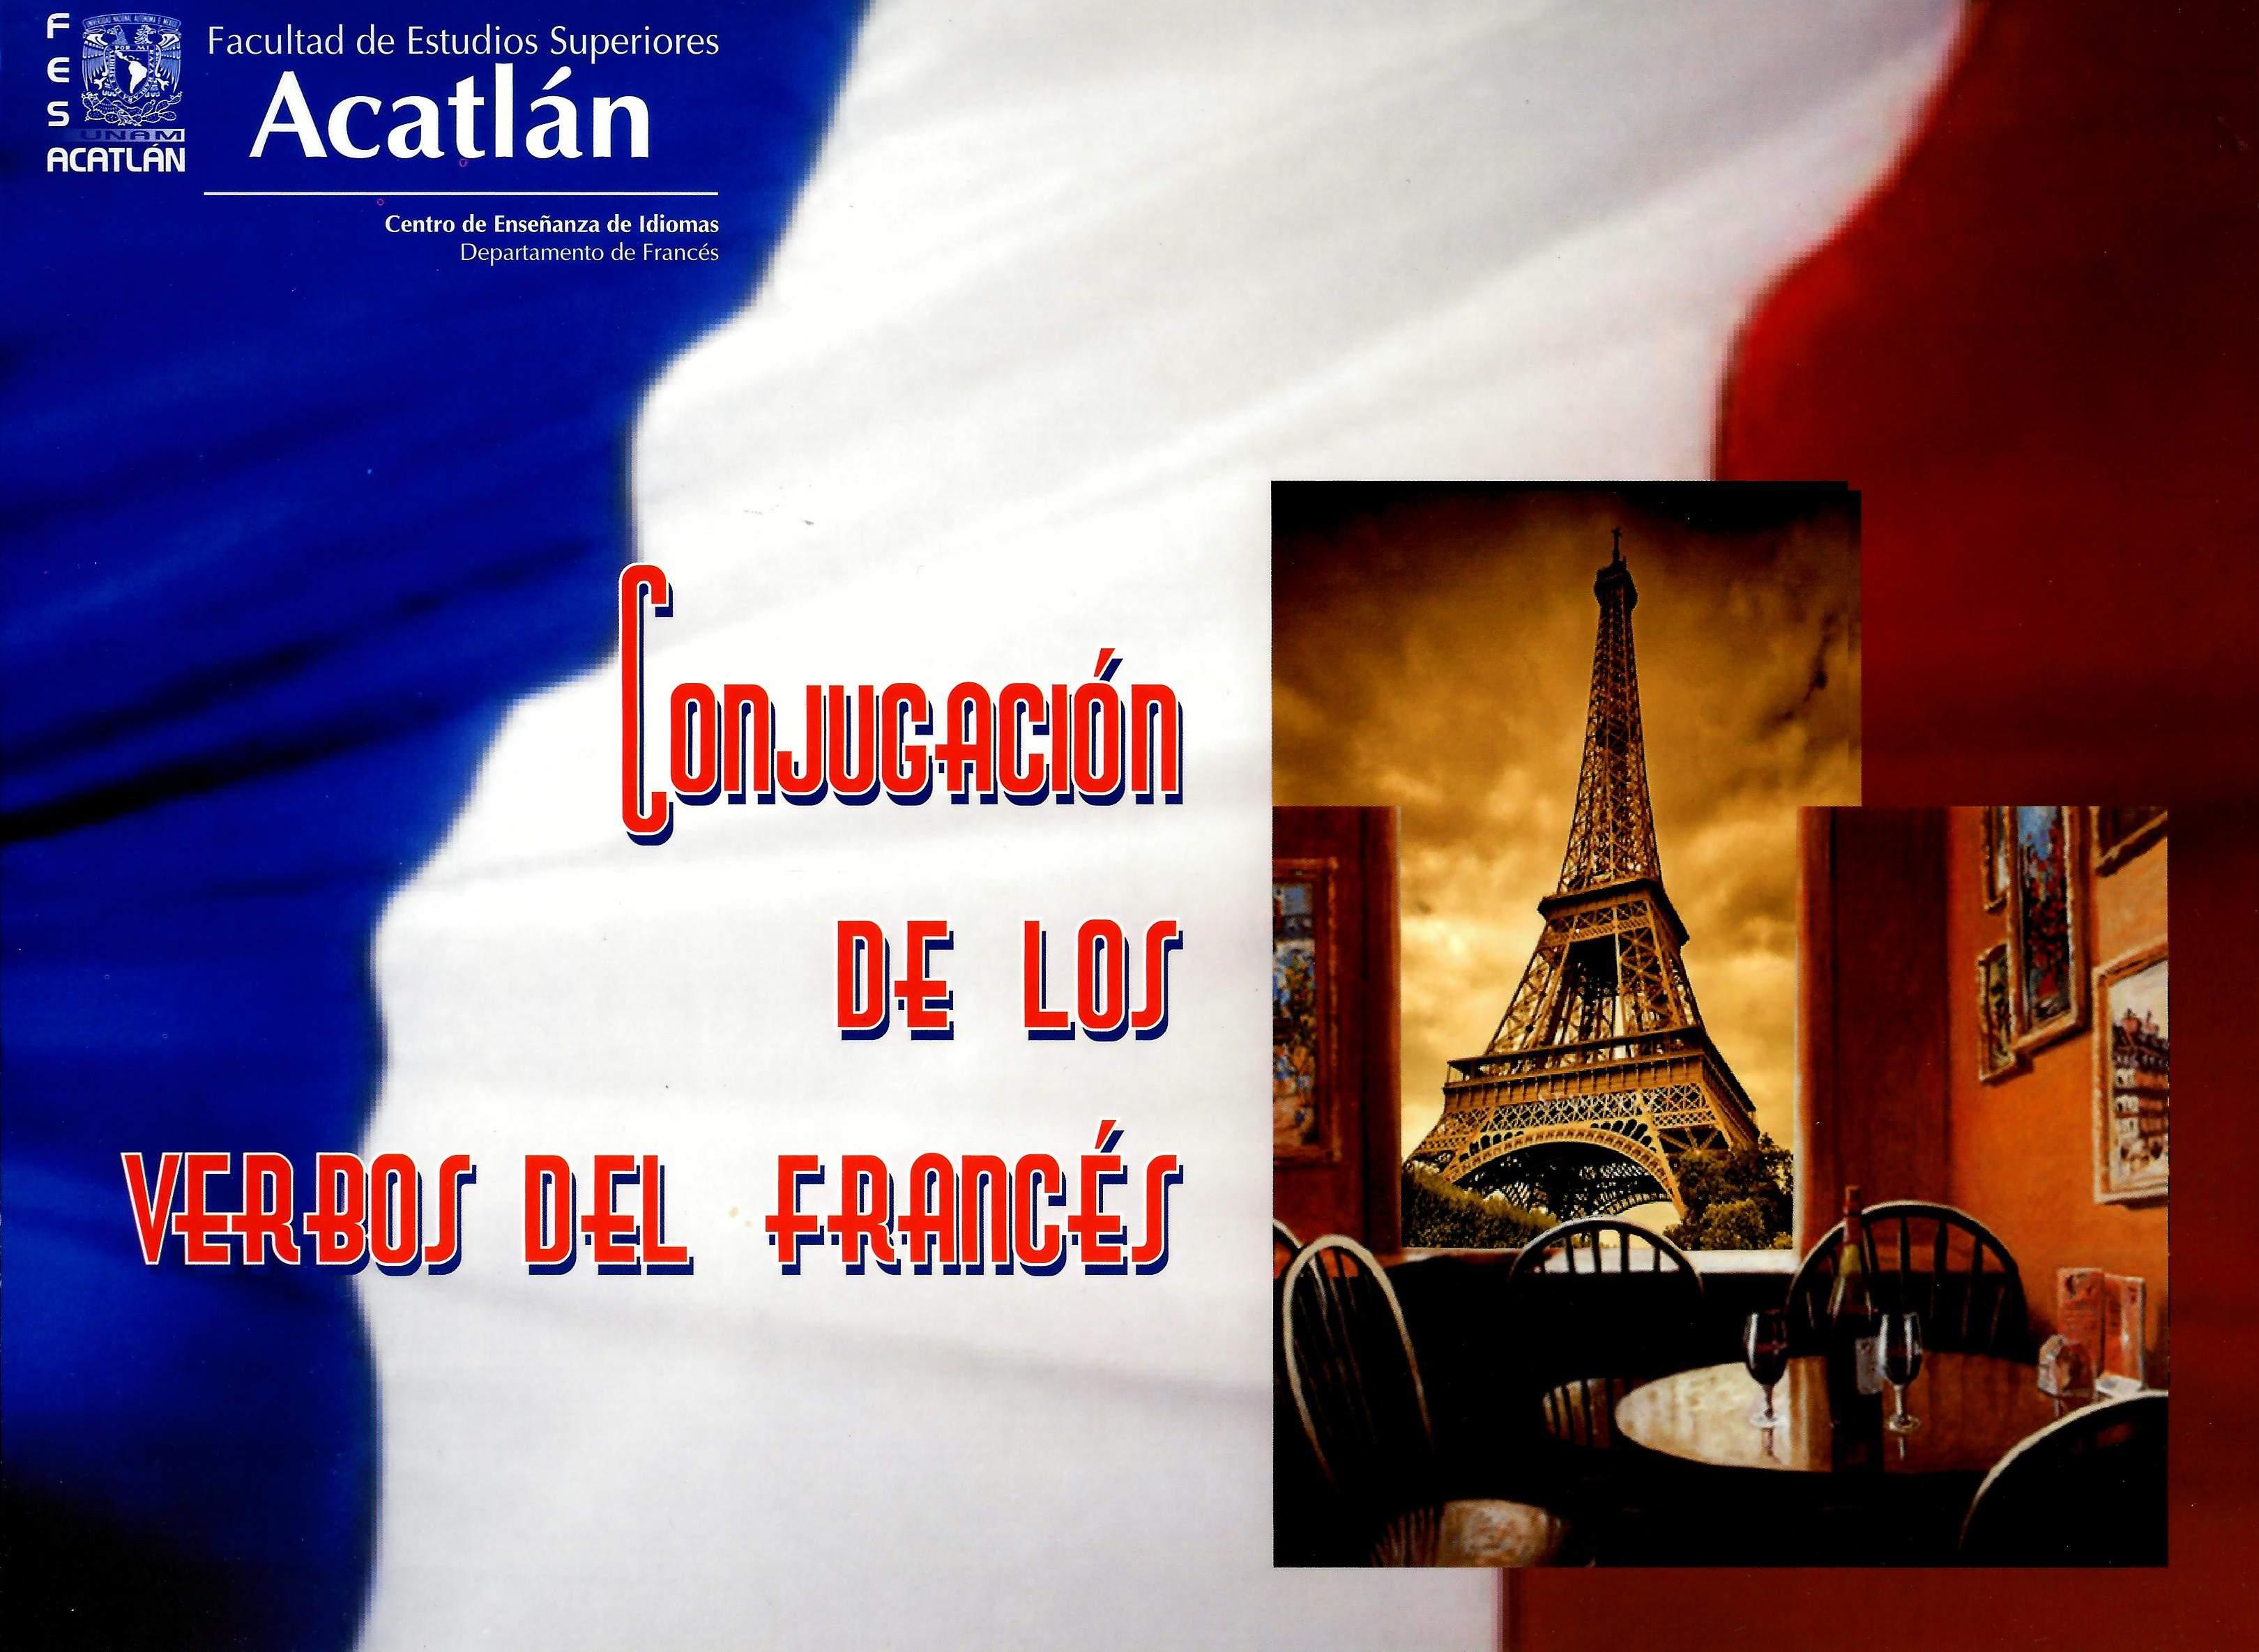 Conjugación de los verbos del francés